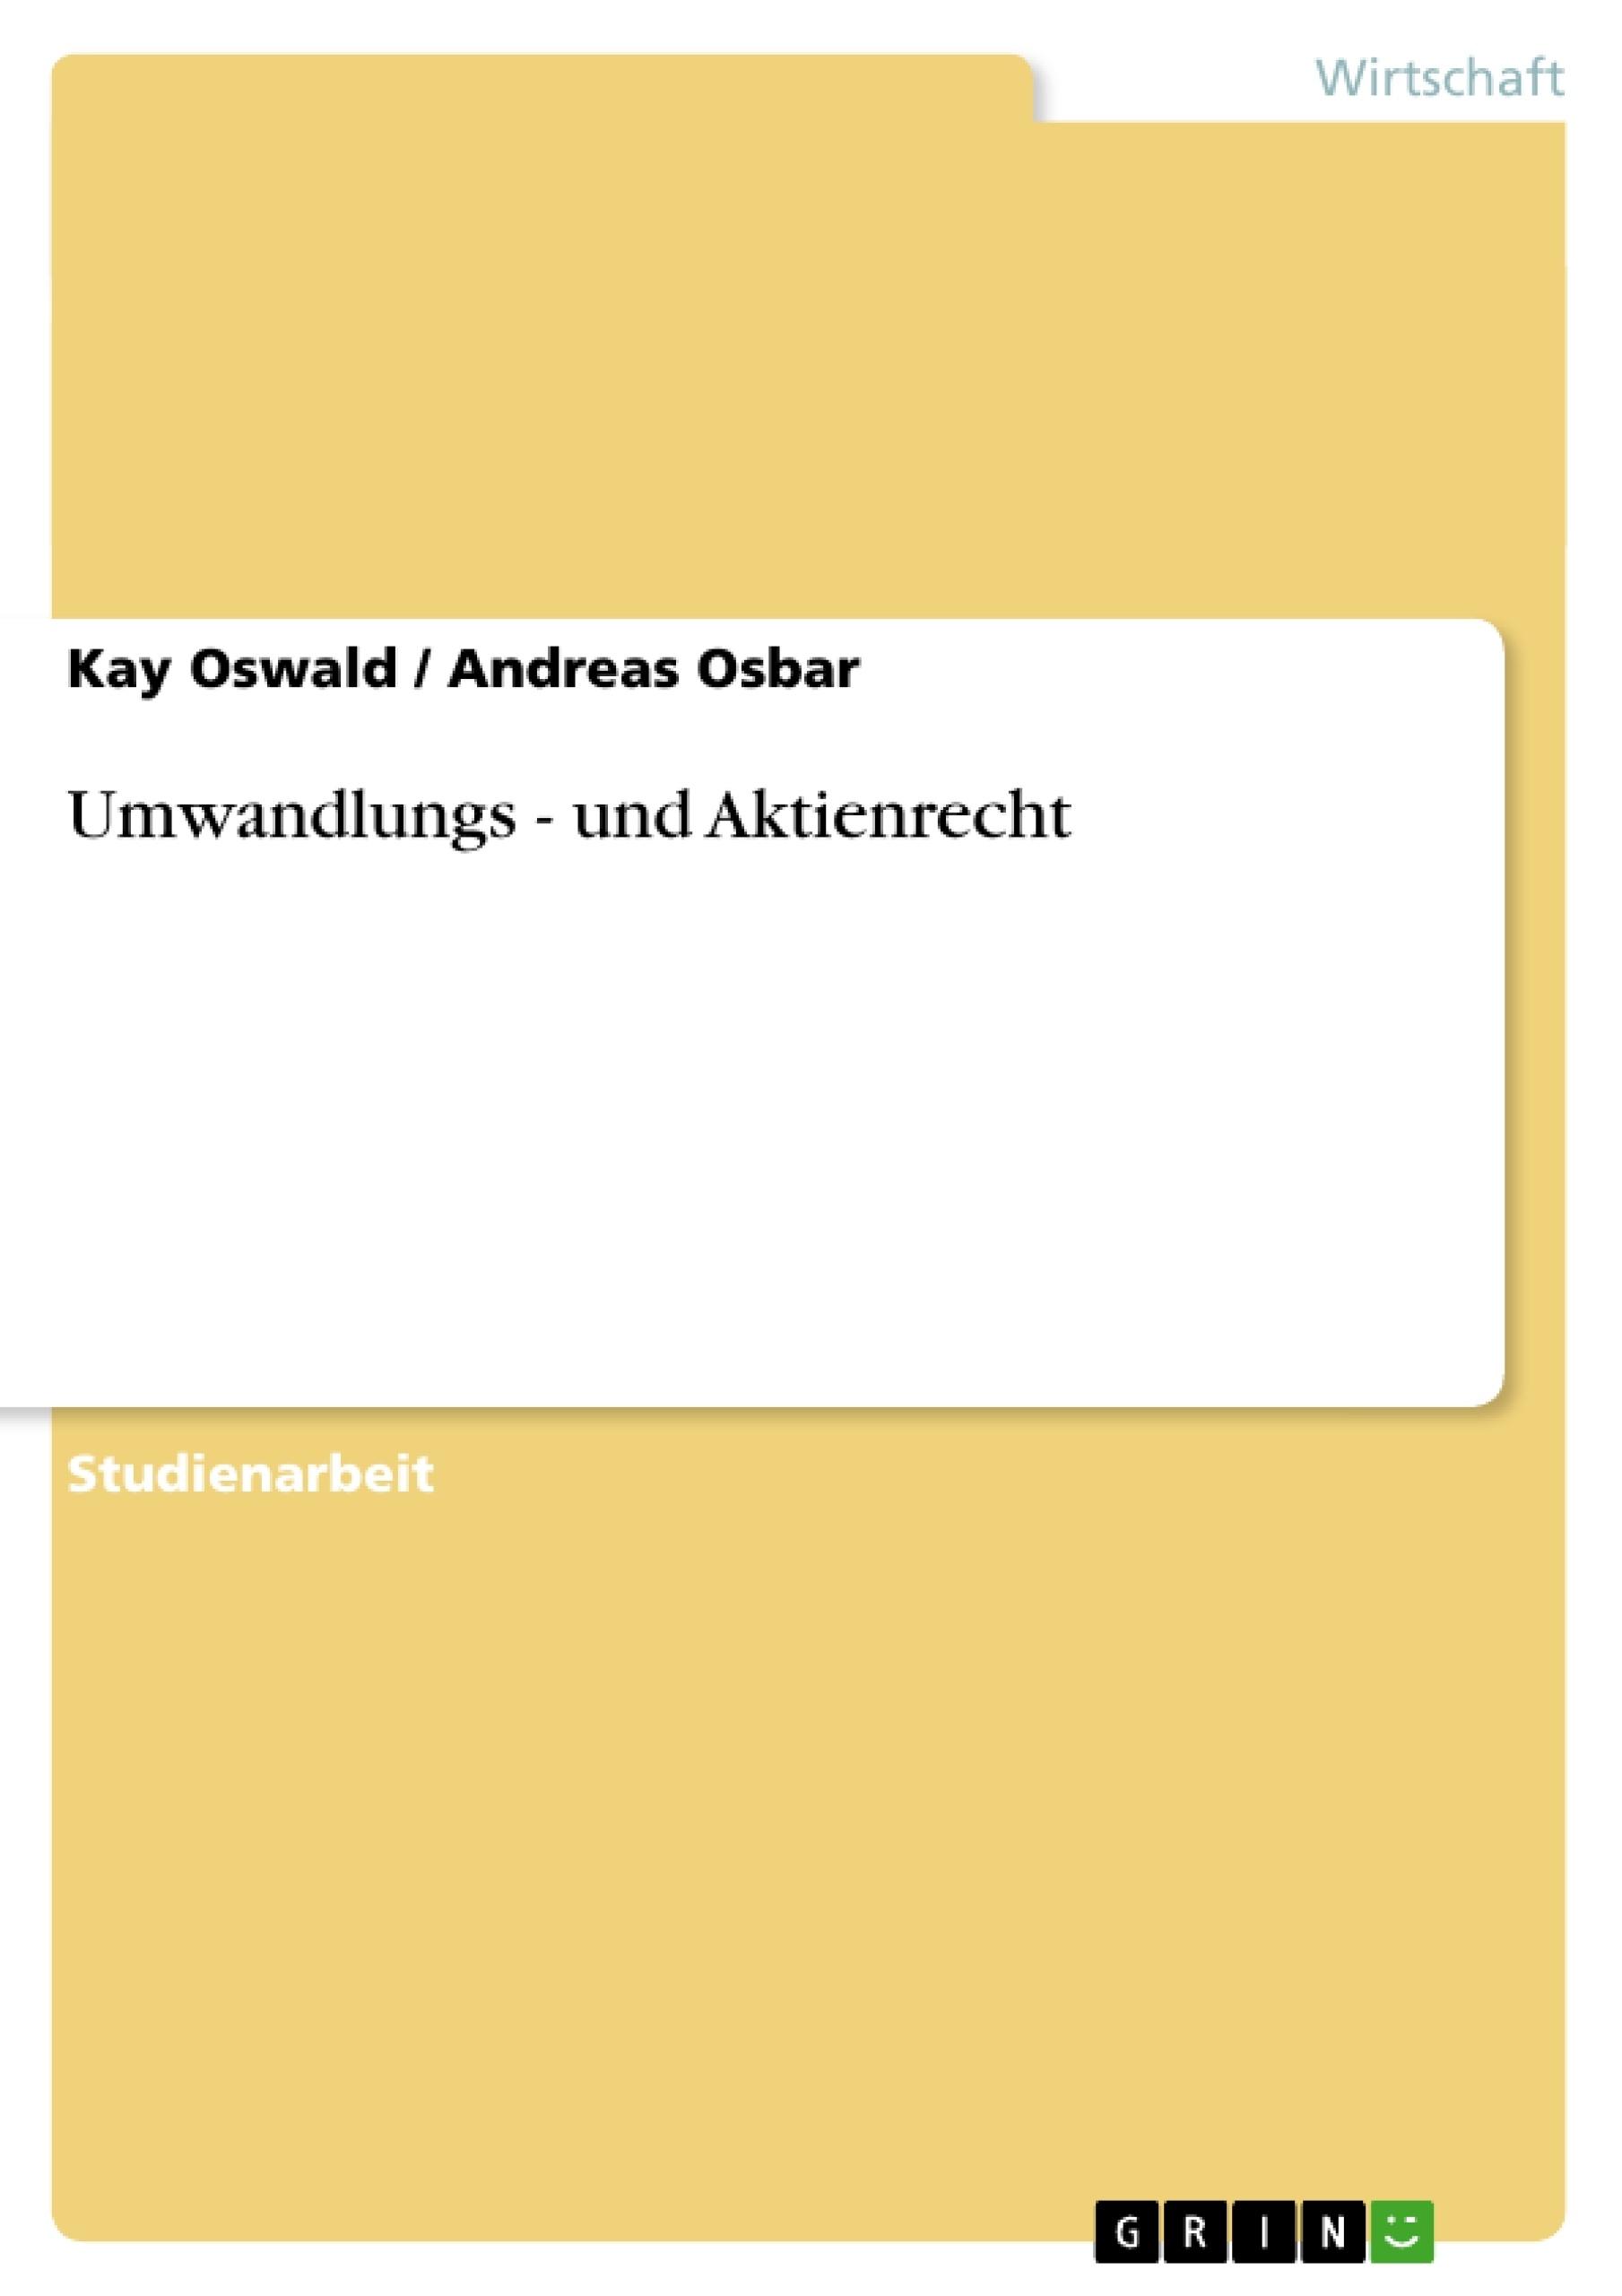 Titel: Umwandlungs - und Aktienrecht